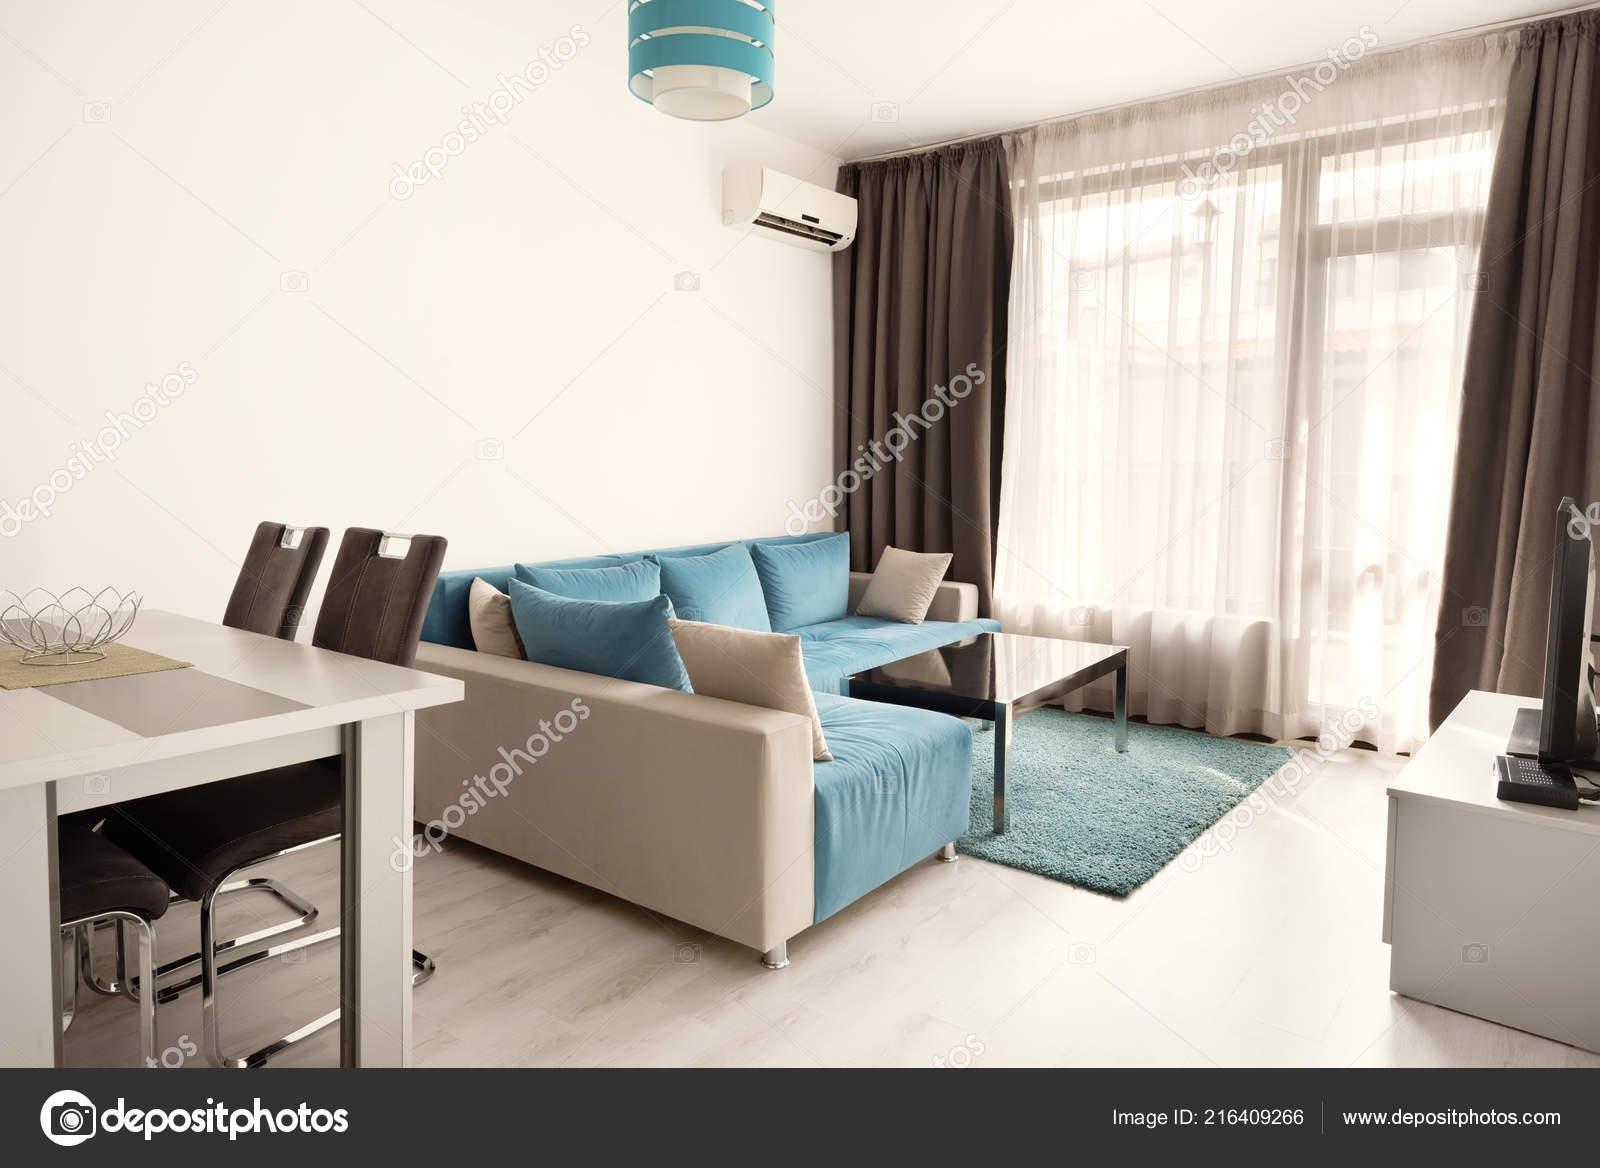 arredamento moderno luminoso accogliente soggiorno con